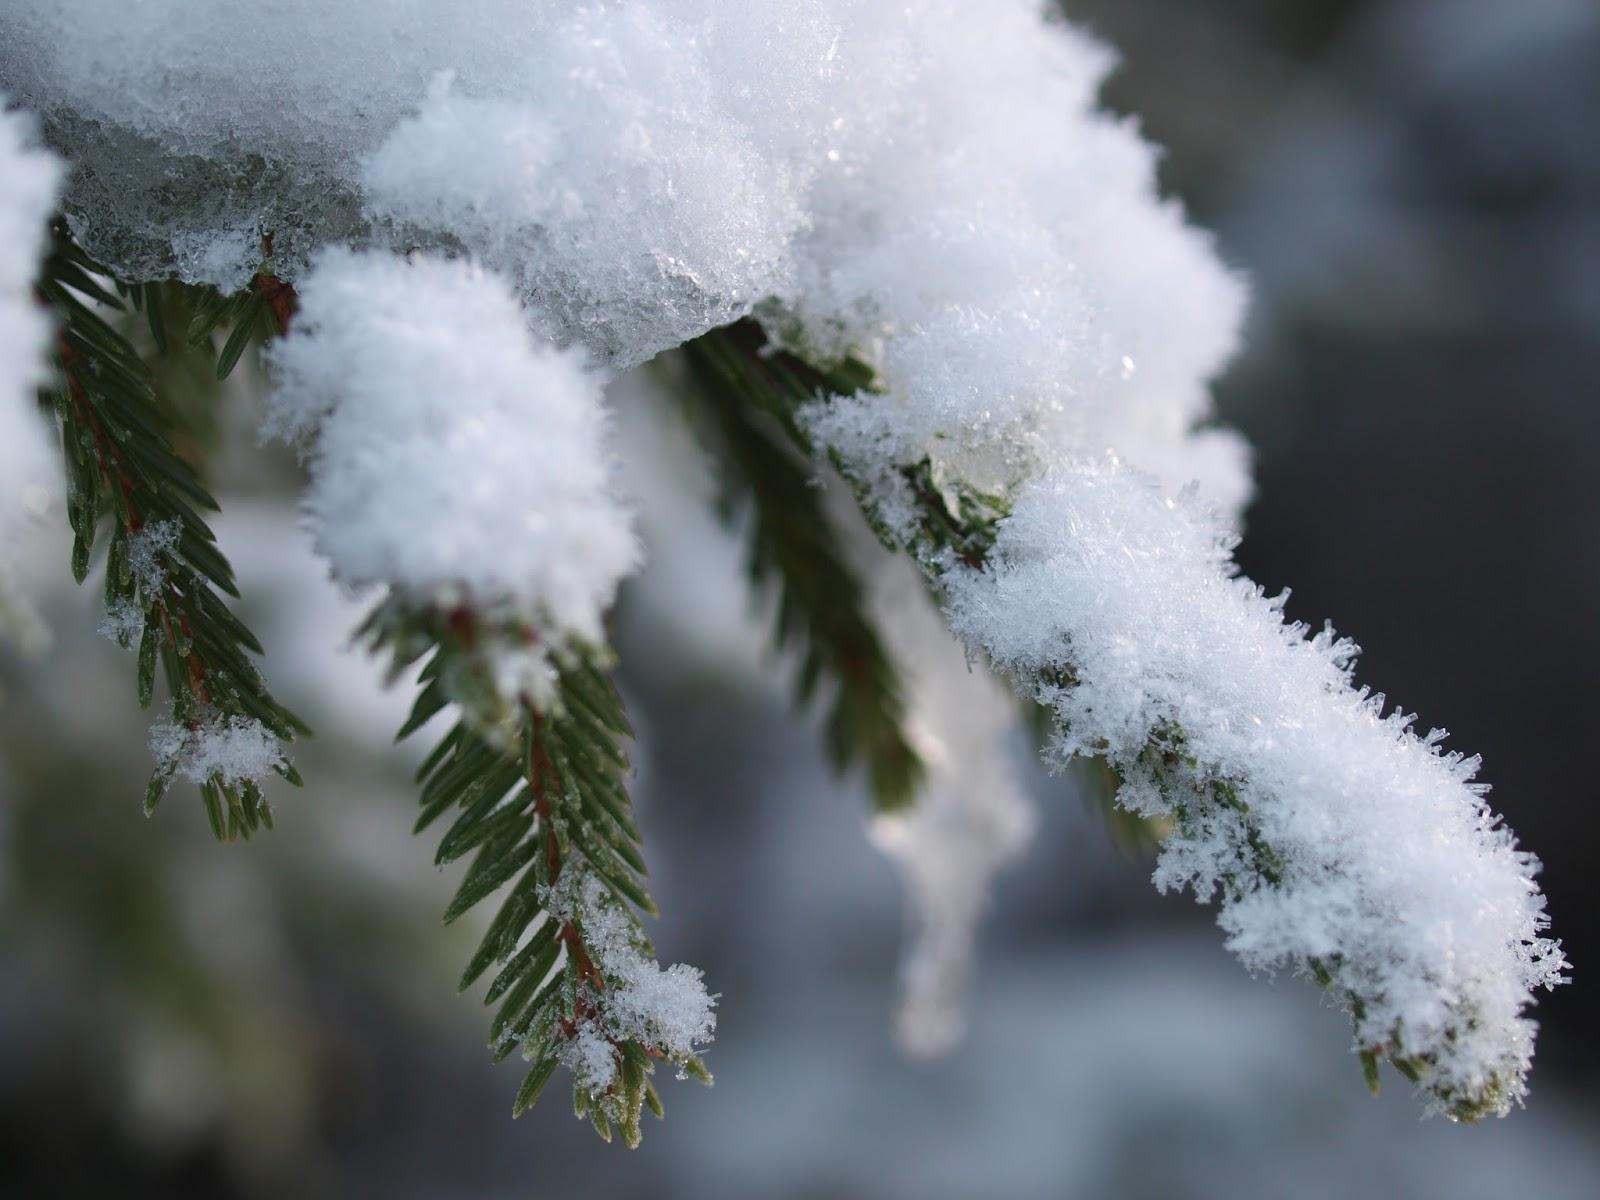 kesämökki, vesilahti, kuusi, lumi, talvi, suomen luonto